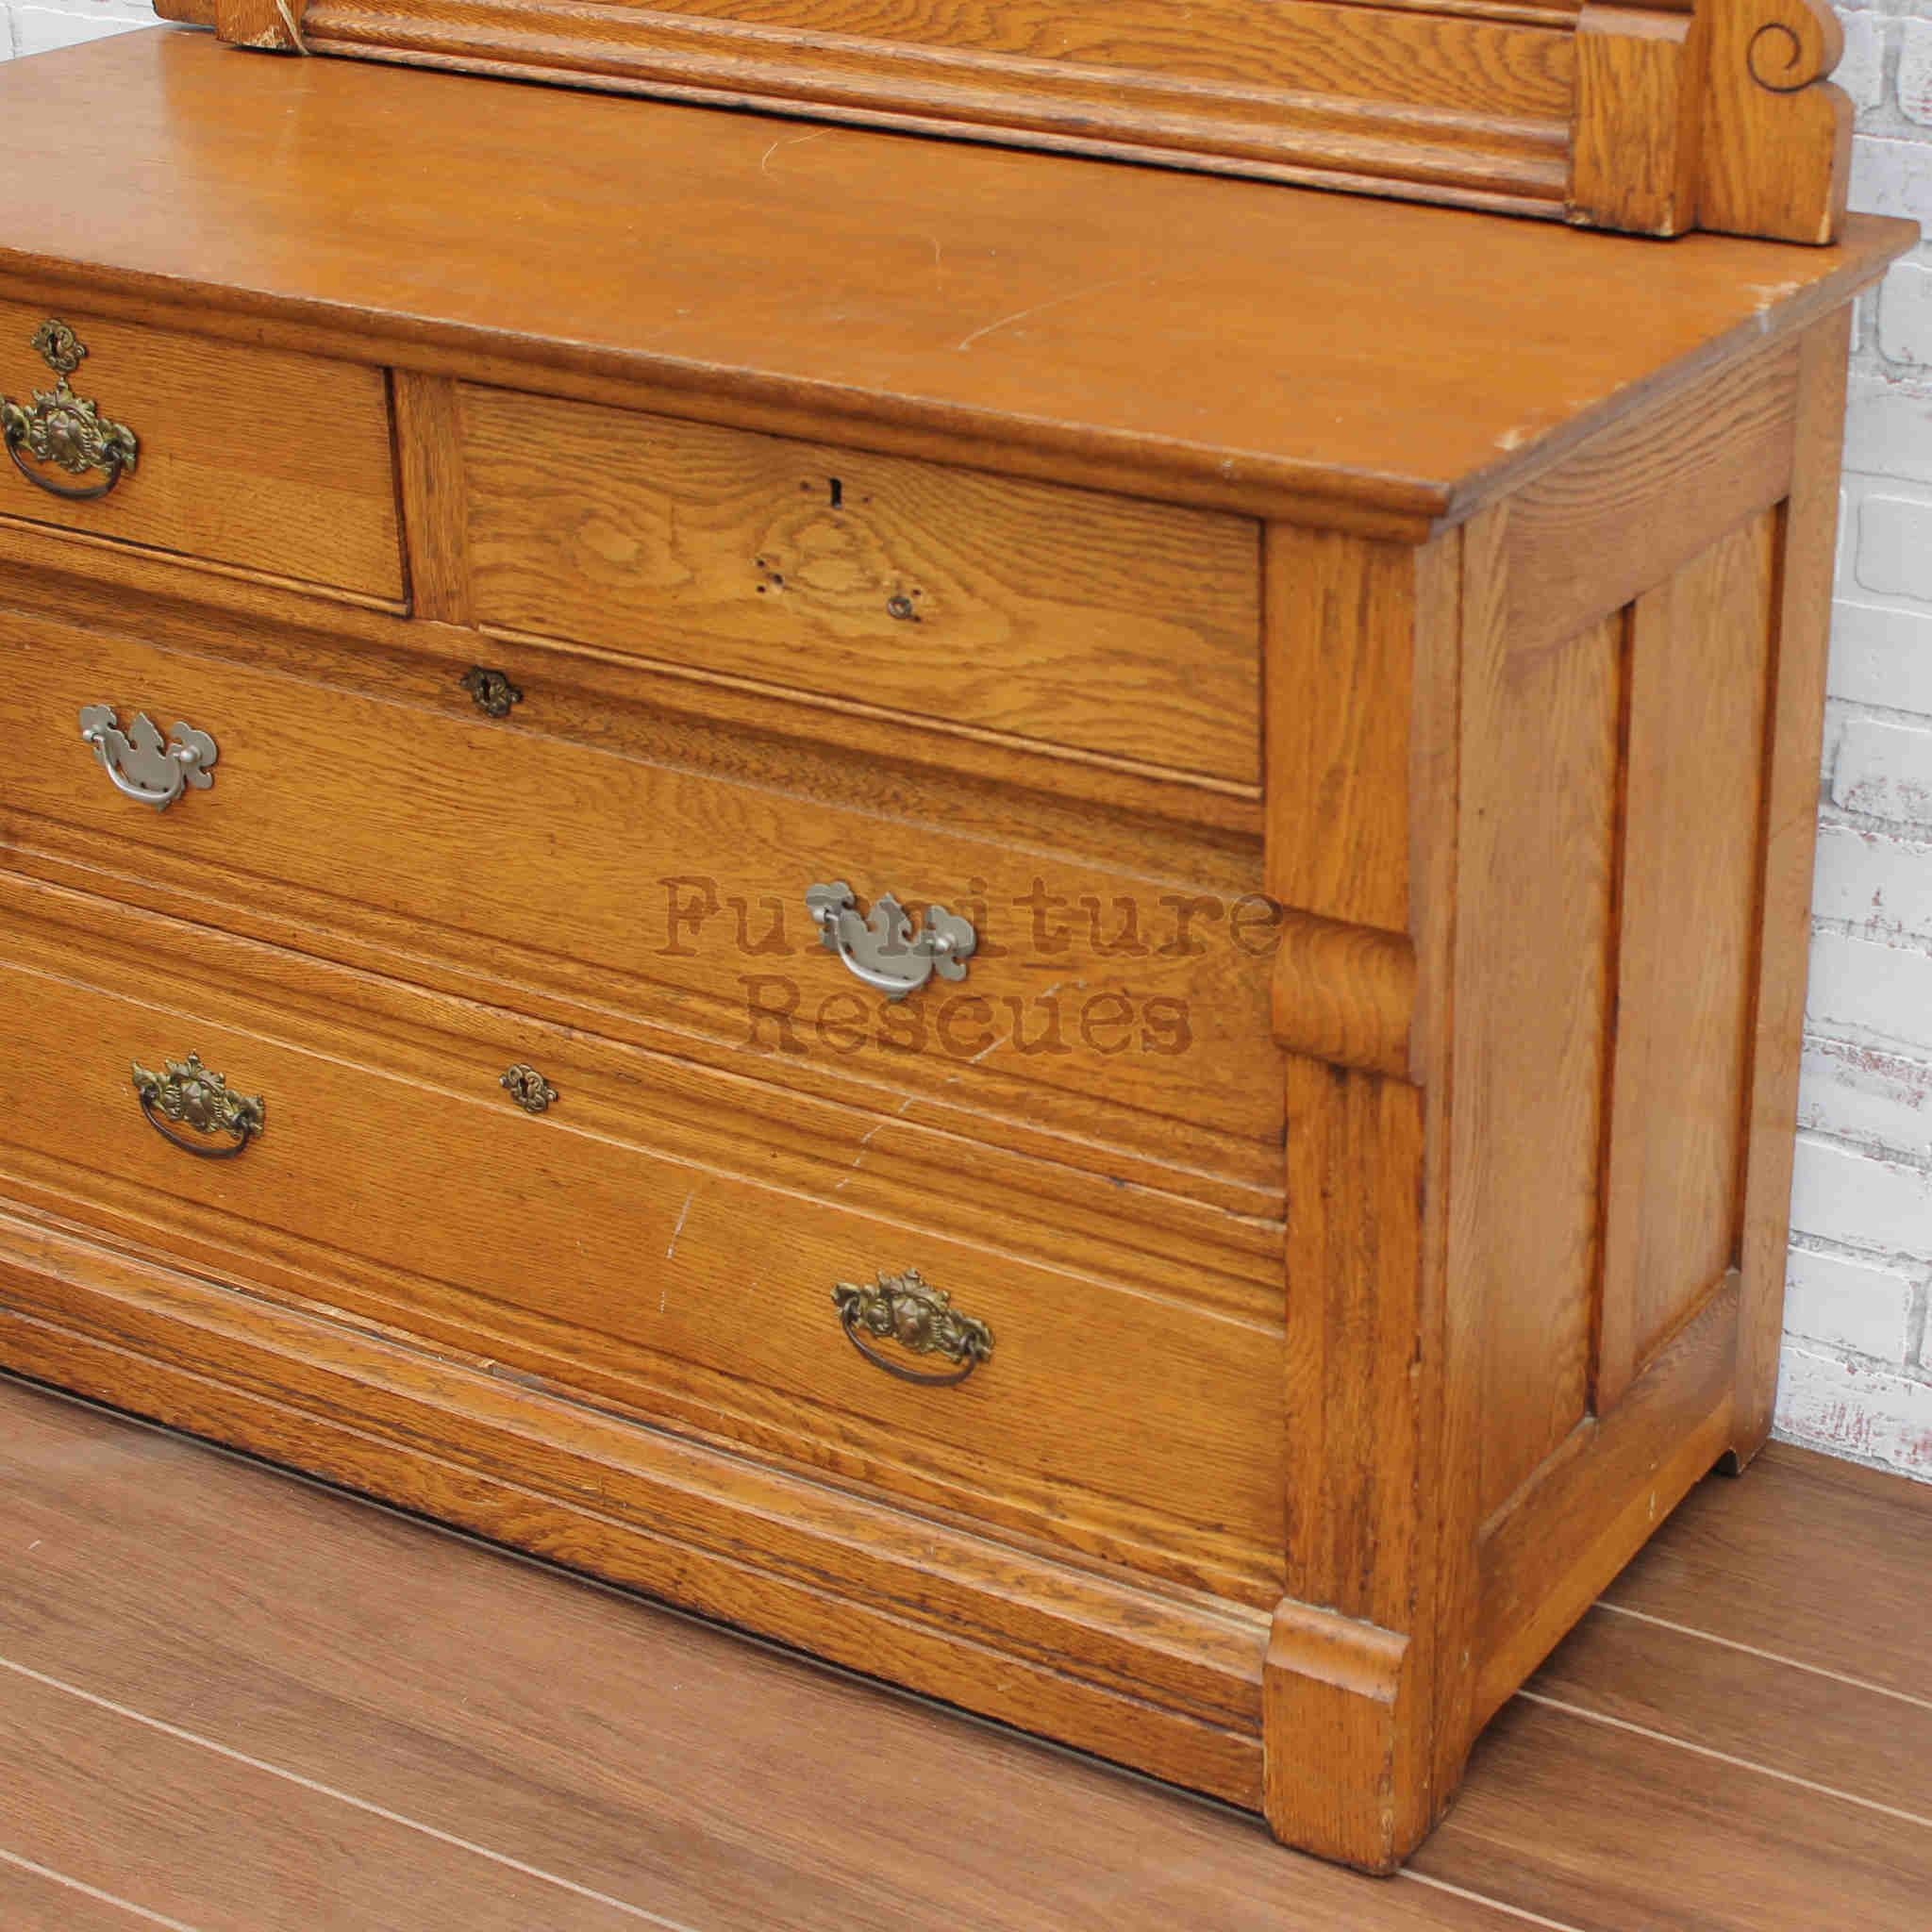 american made antique dresser server furniture rescues. Black Bedroom Furniture Sets. Home Design Ideas